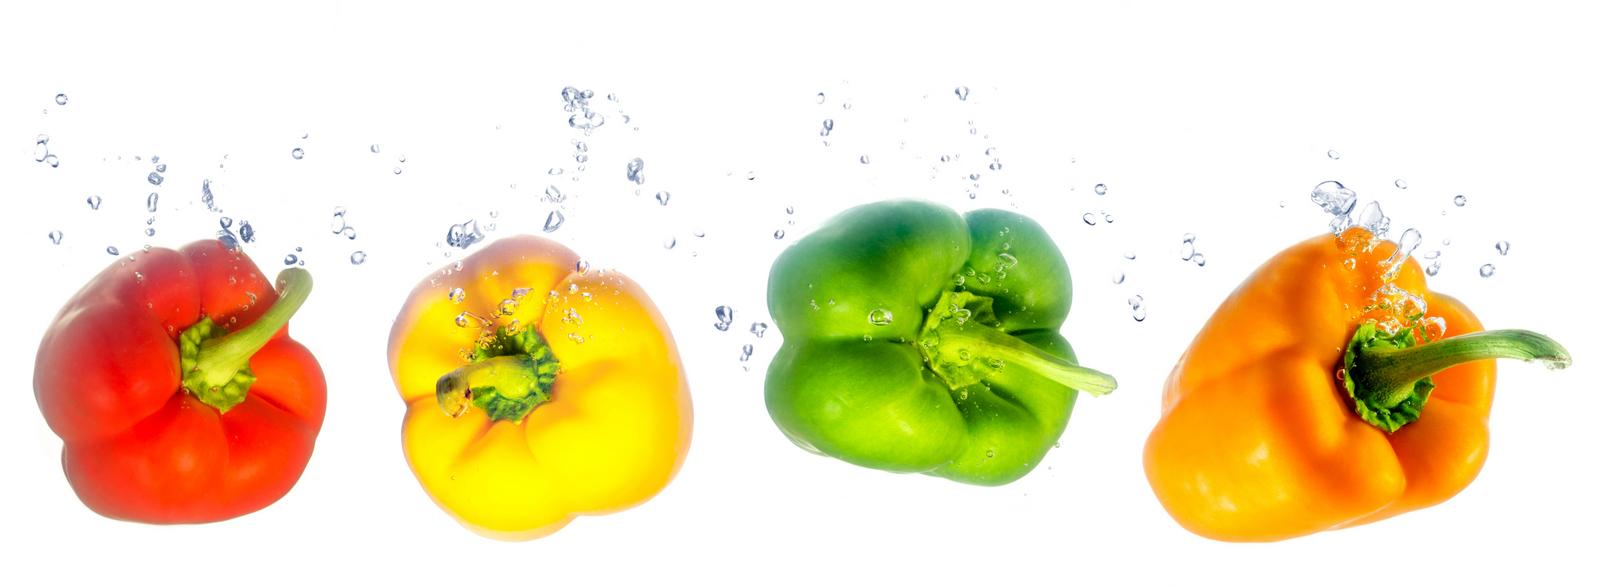 чем подкормить перец в период плодоношения